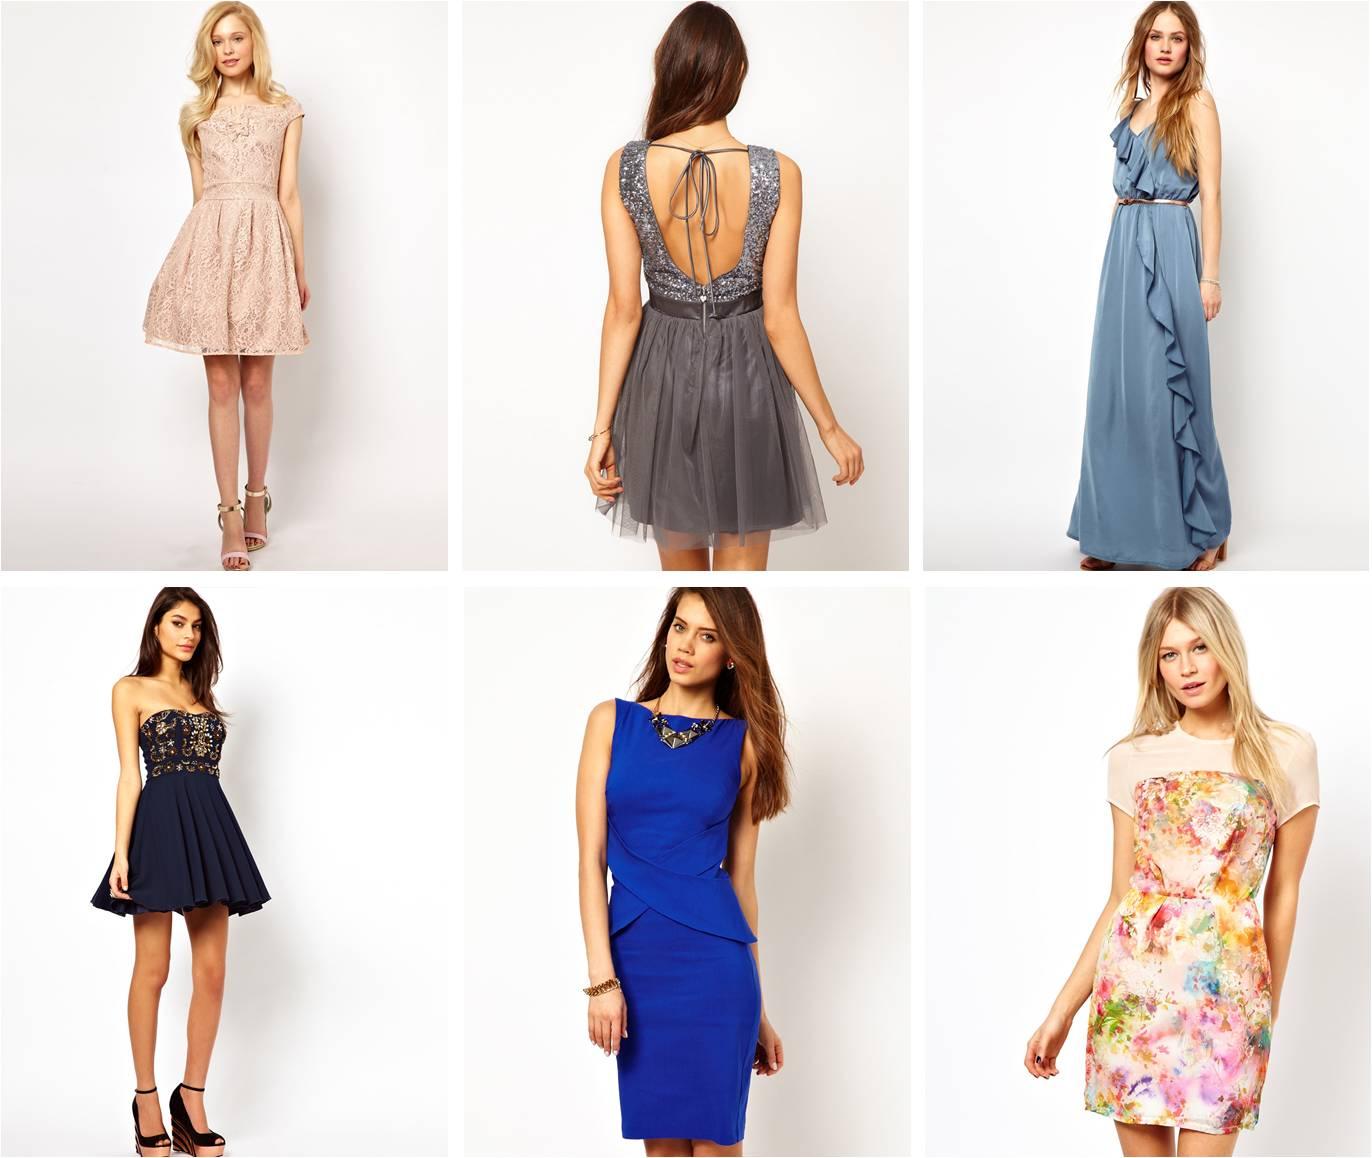 424a904cbd5 Además, cuando escogemos un vestido en Asos, nos ofrece vestidos similares  y posibles complementos con los que crear el mejor outfit bodil.